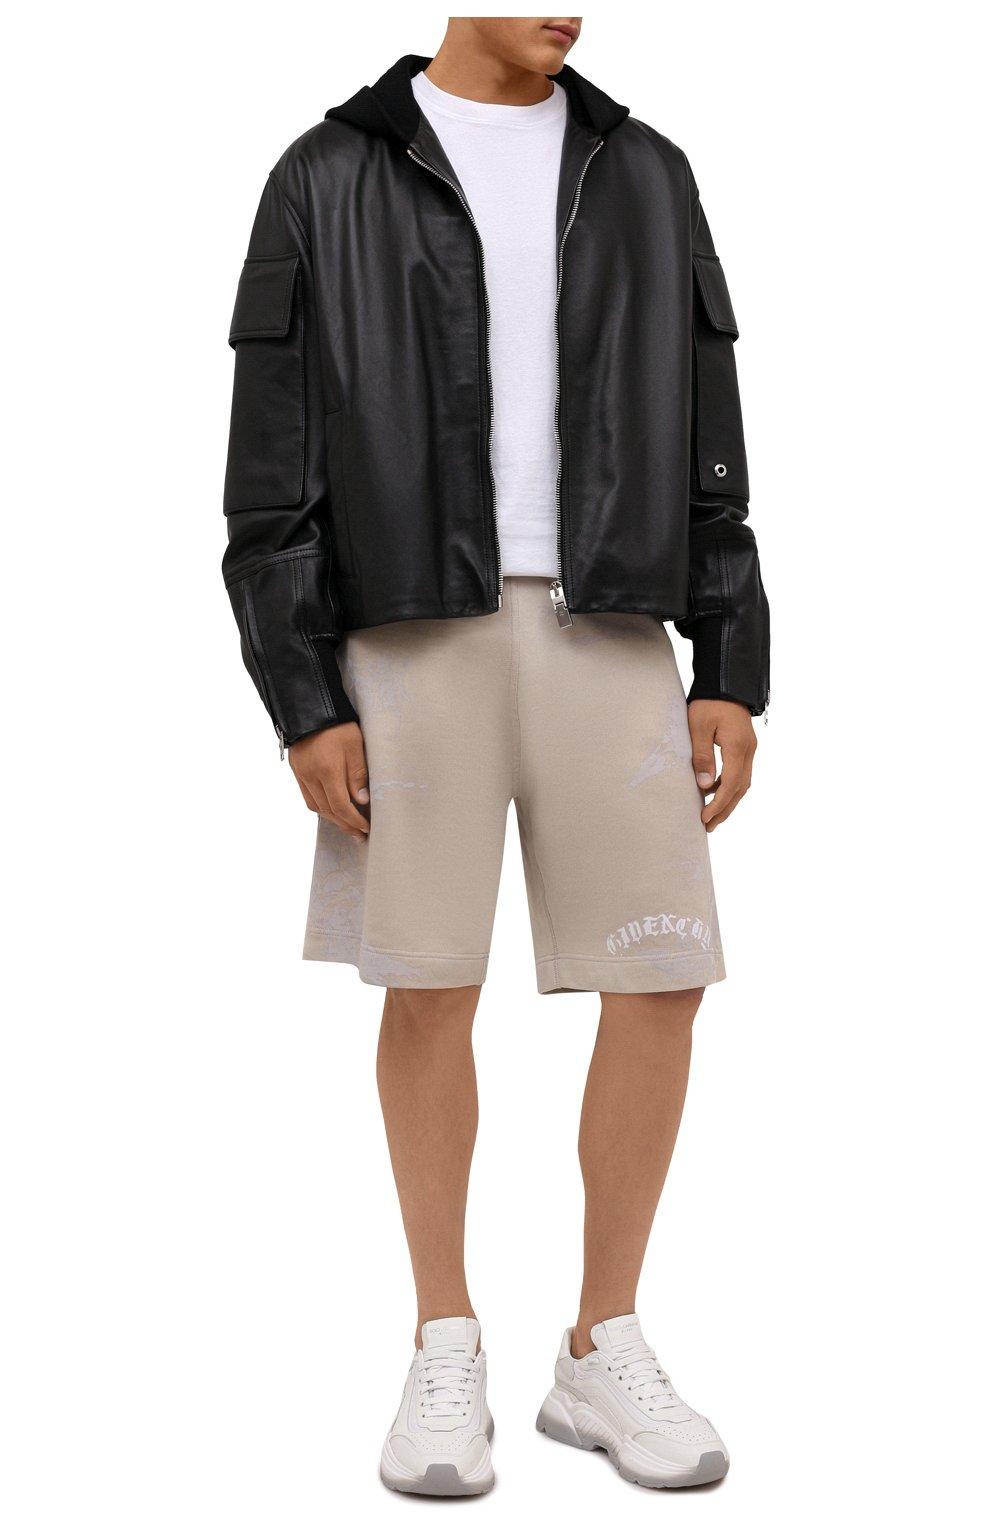 Мужские хлопковые шорты GIVENCHY светло-бежевого цвета, арт. BM50WK3Y6A   Фото 2 (Длина Шорты М: Ниже колена; Принт: С принтом; Кросс-КТ: Трикотаж; Материал внешний: Хлопок; Стили: Спорт-шик)